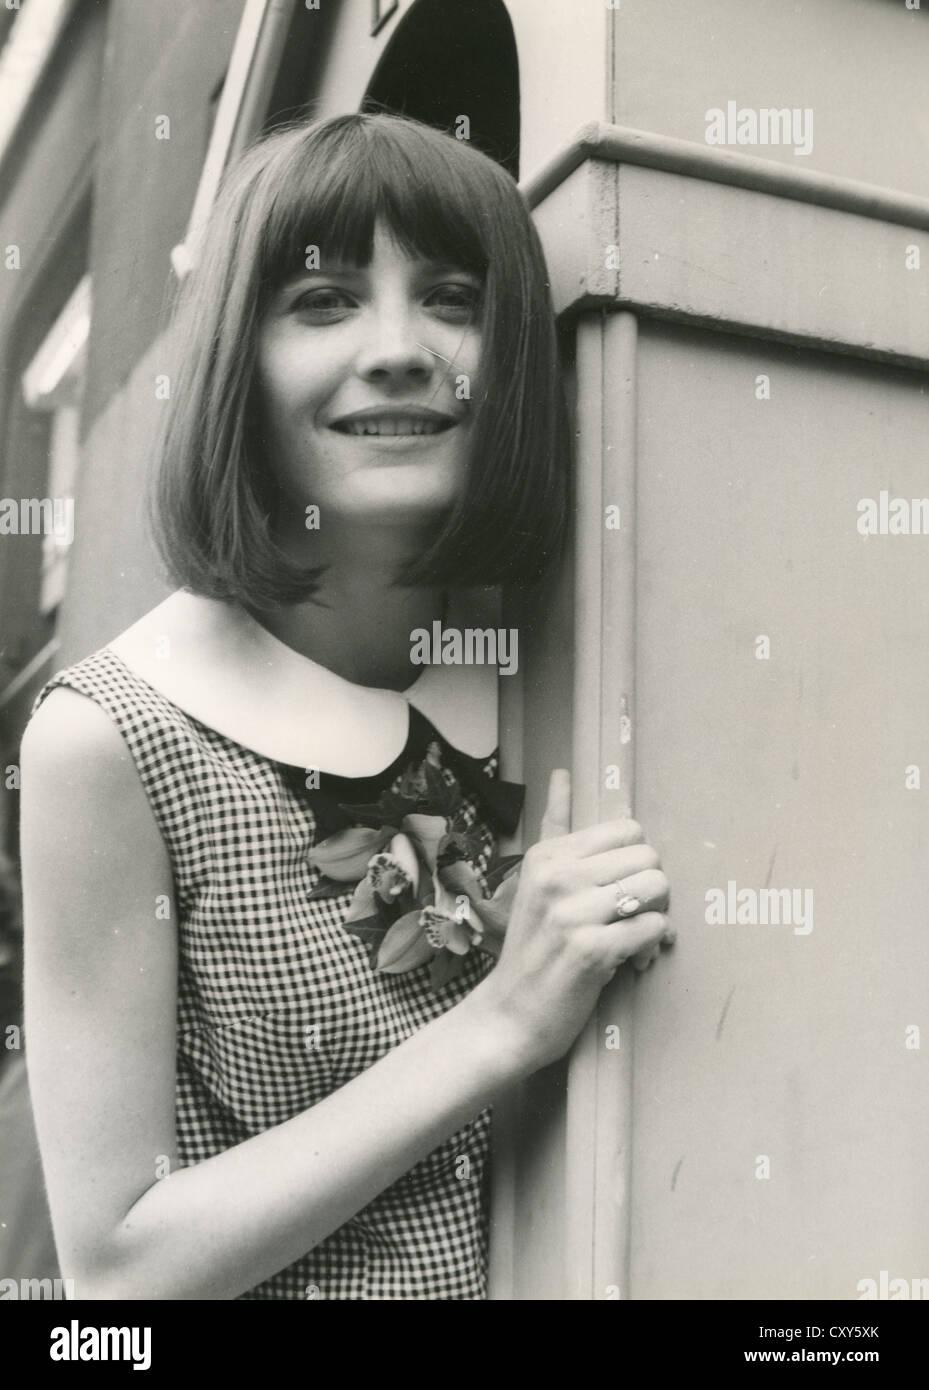 SANDIE SHAW cantante pop británico en 1965. Imagen De Stock